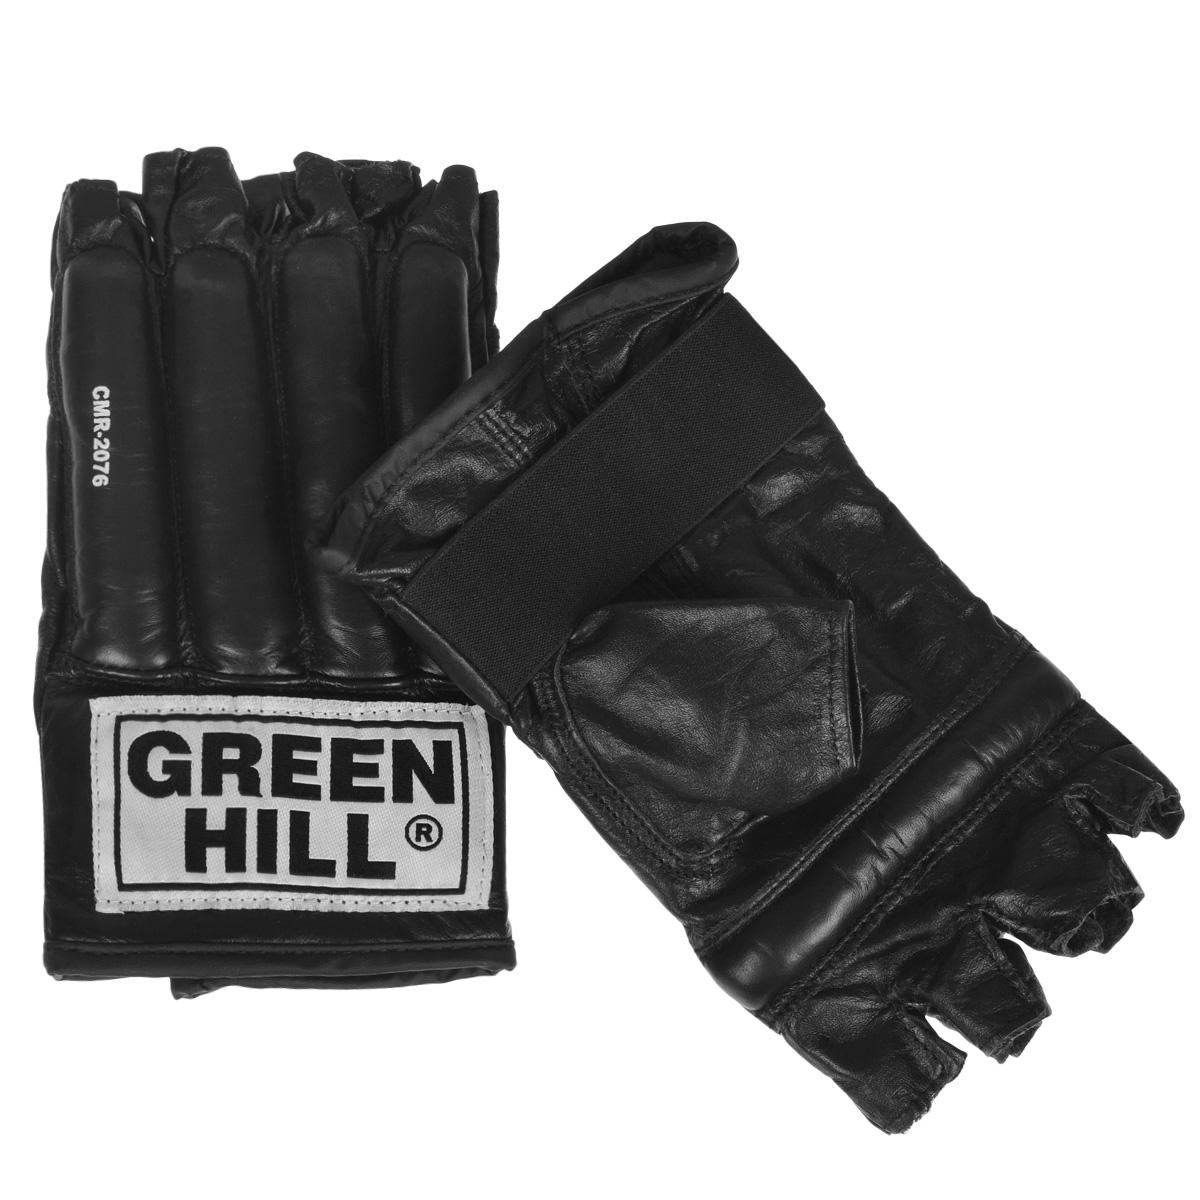 Шингарты для единоборств Green Hill Royal, цвет: черный. Размер SCMR-2076Шингарты Green Hill Royal предназначены для новичков и любителей, для тренировок в домашних условиях, а так же могут использоваться для боевого самбо или боев без правил. Выполнены из высококачественной натуральной кожи. Застежка в виде резинки надежно фиксирует шингарты на руке.